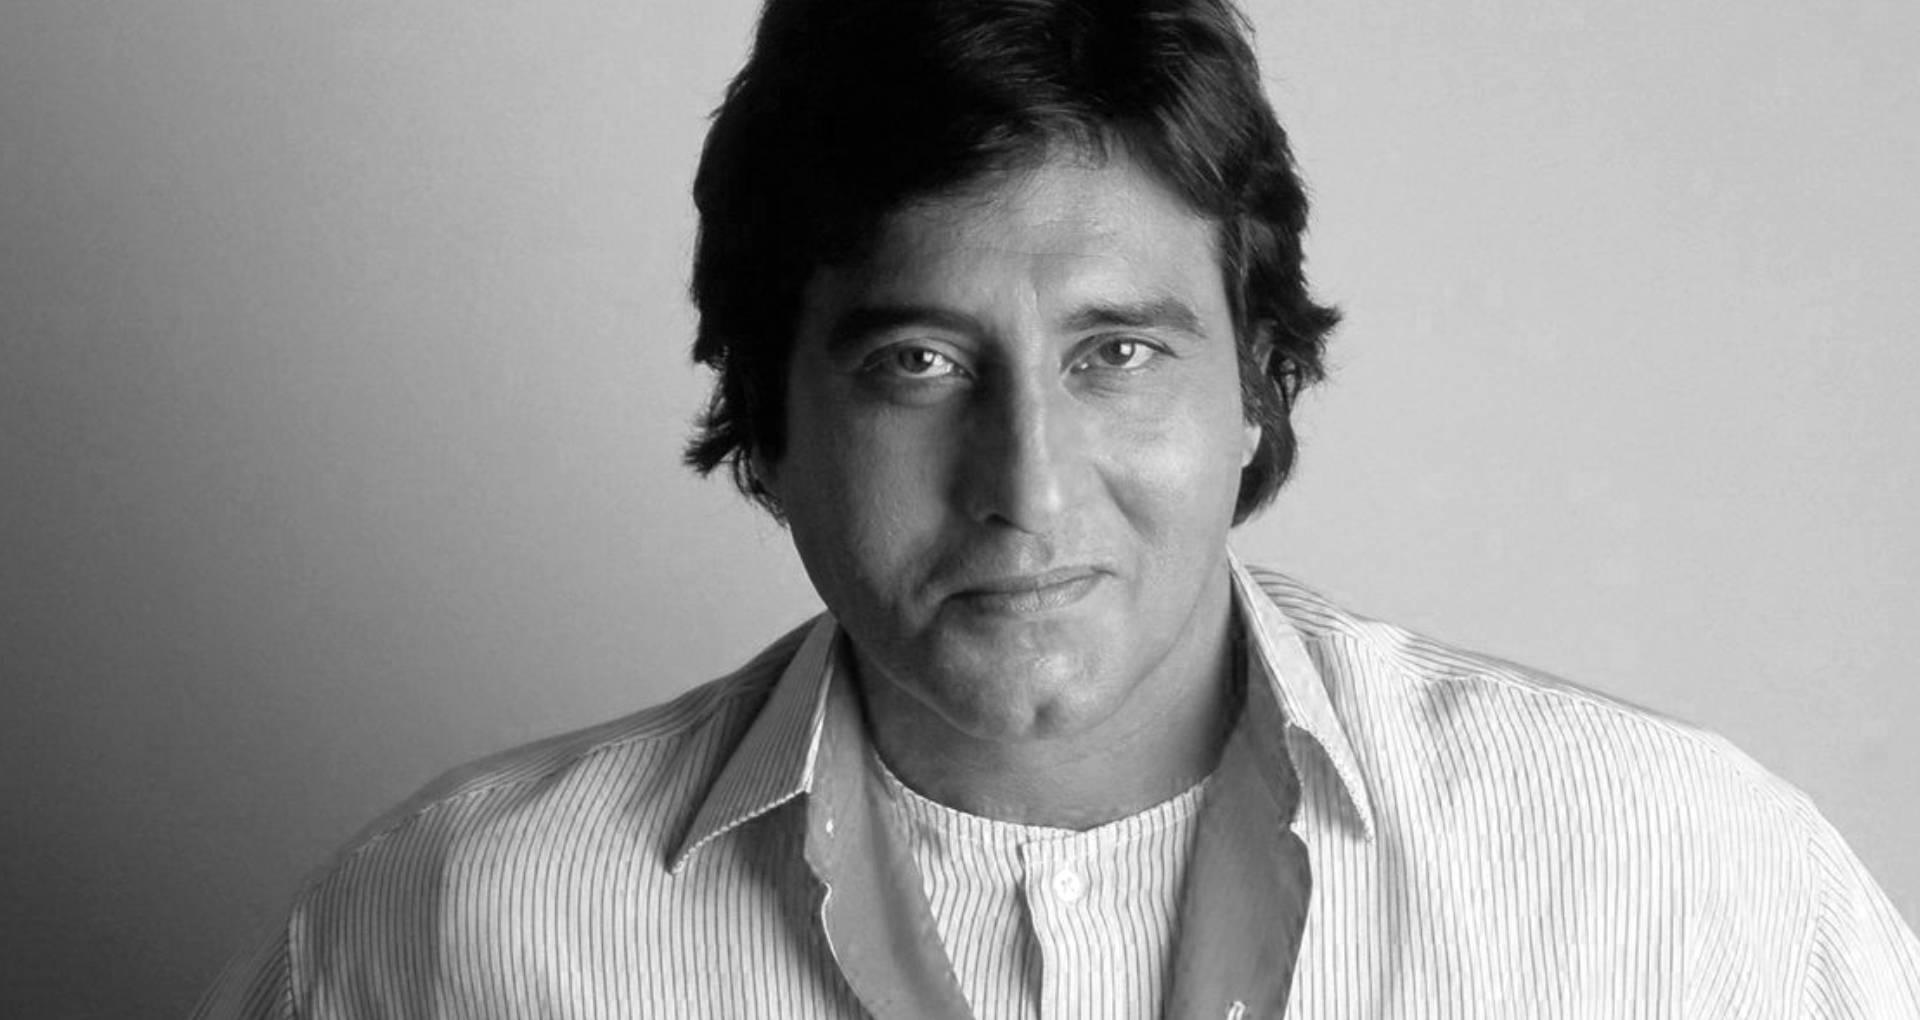 विनोद खन्ना नंबर दो पर भी रहते हुए भी थे टॉप के एक्टर, बॉलीवुड के महानायक अमिताभ बच्चन के साथ रहा ऐसा रिश्ता